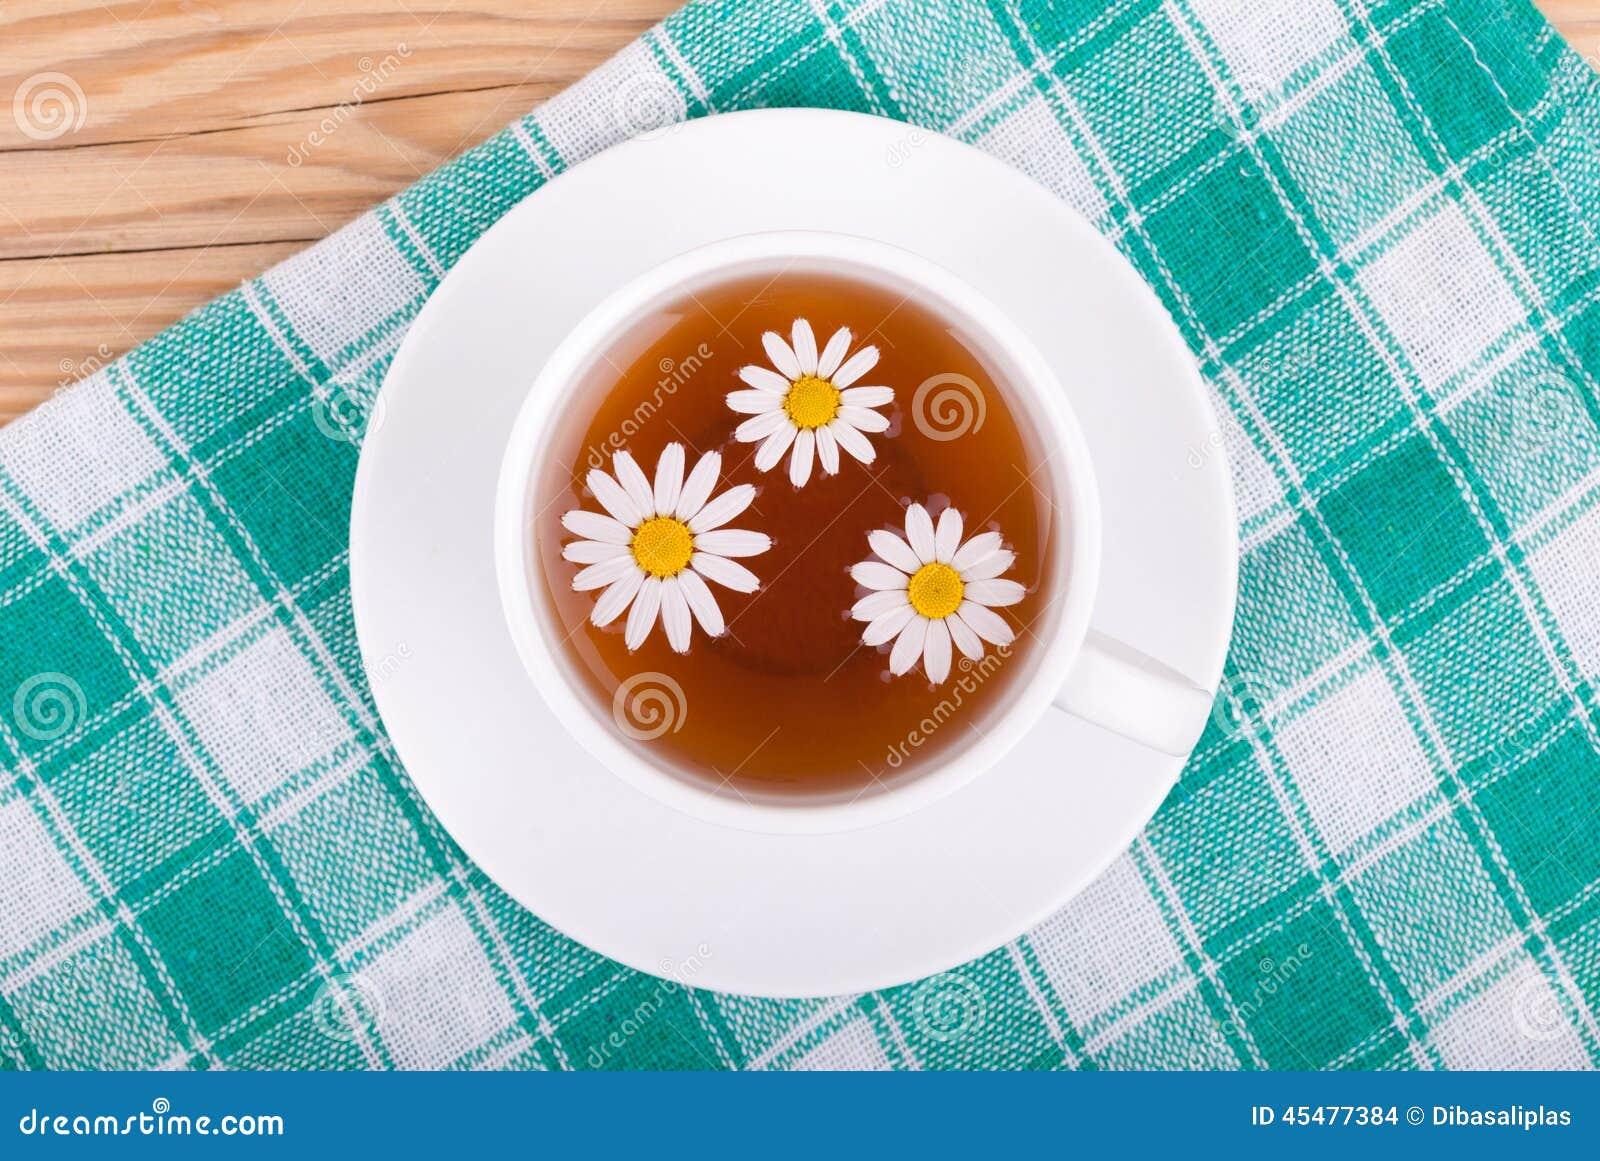 茶与春黄菊的